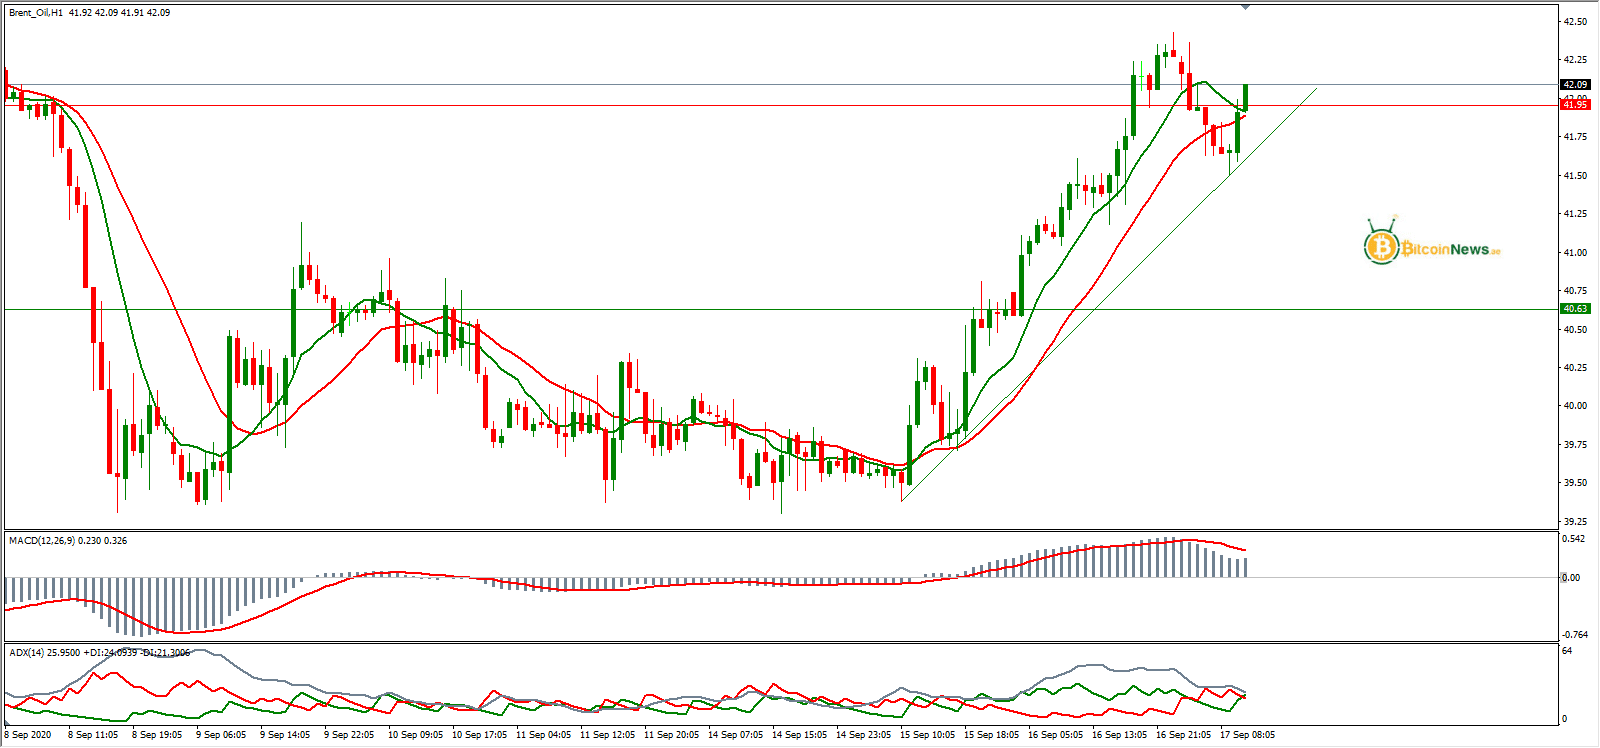 سعر النفط الخام برنت اليوم تحليل 17 سبتمبر   تحليل النفط ...